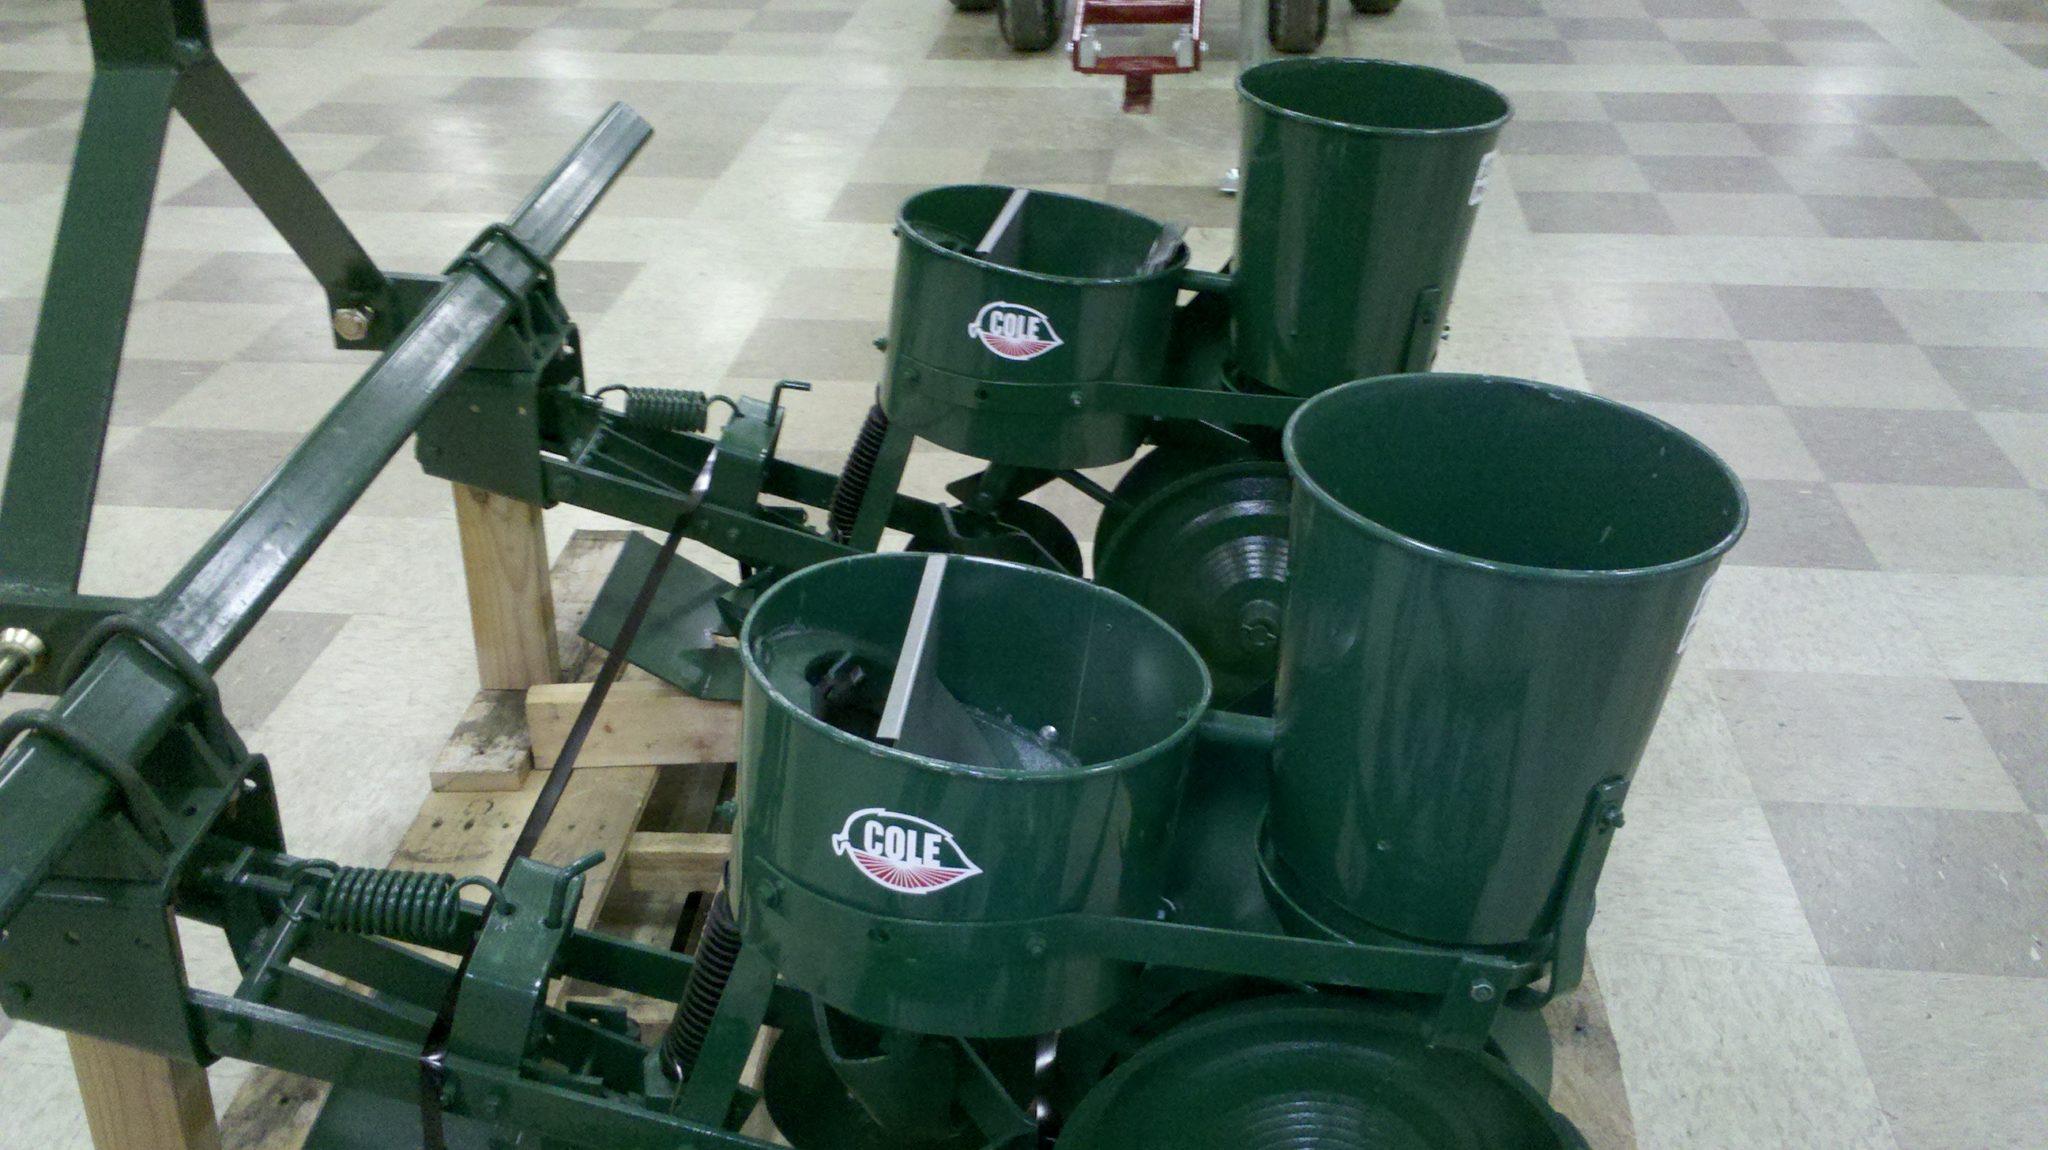 012 0130 Cole 2 Row 12mx Planter W Fertilizer Hopper 3 Pt Hitch